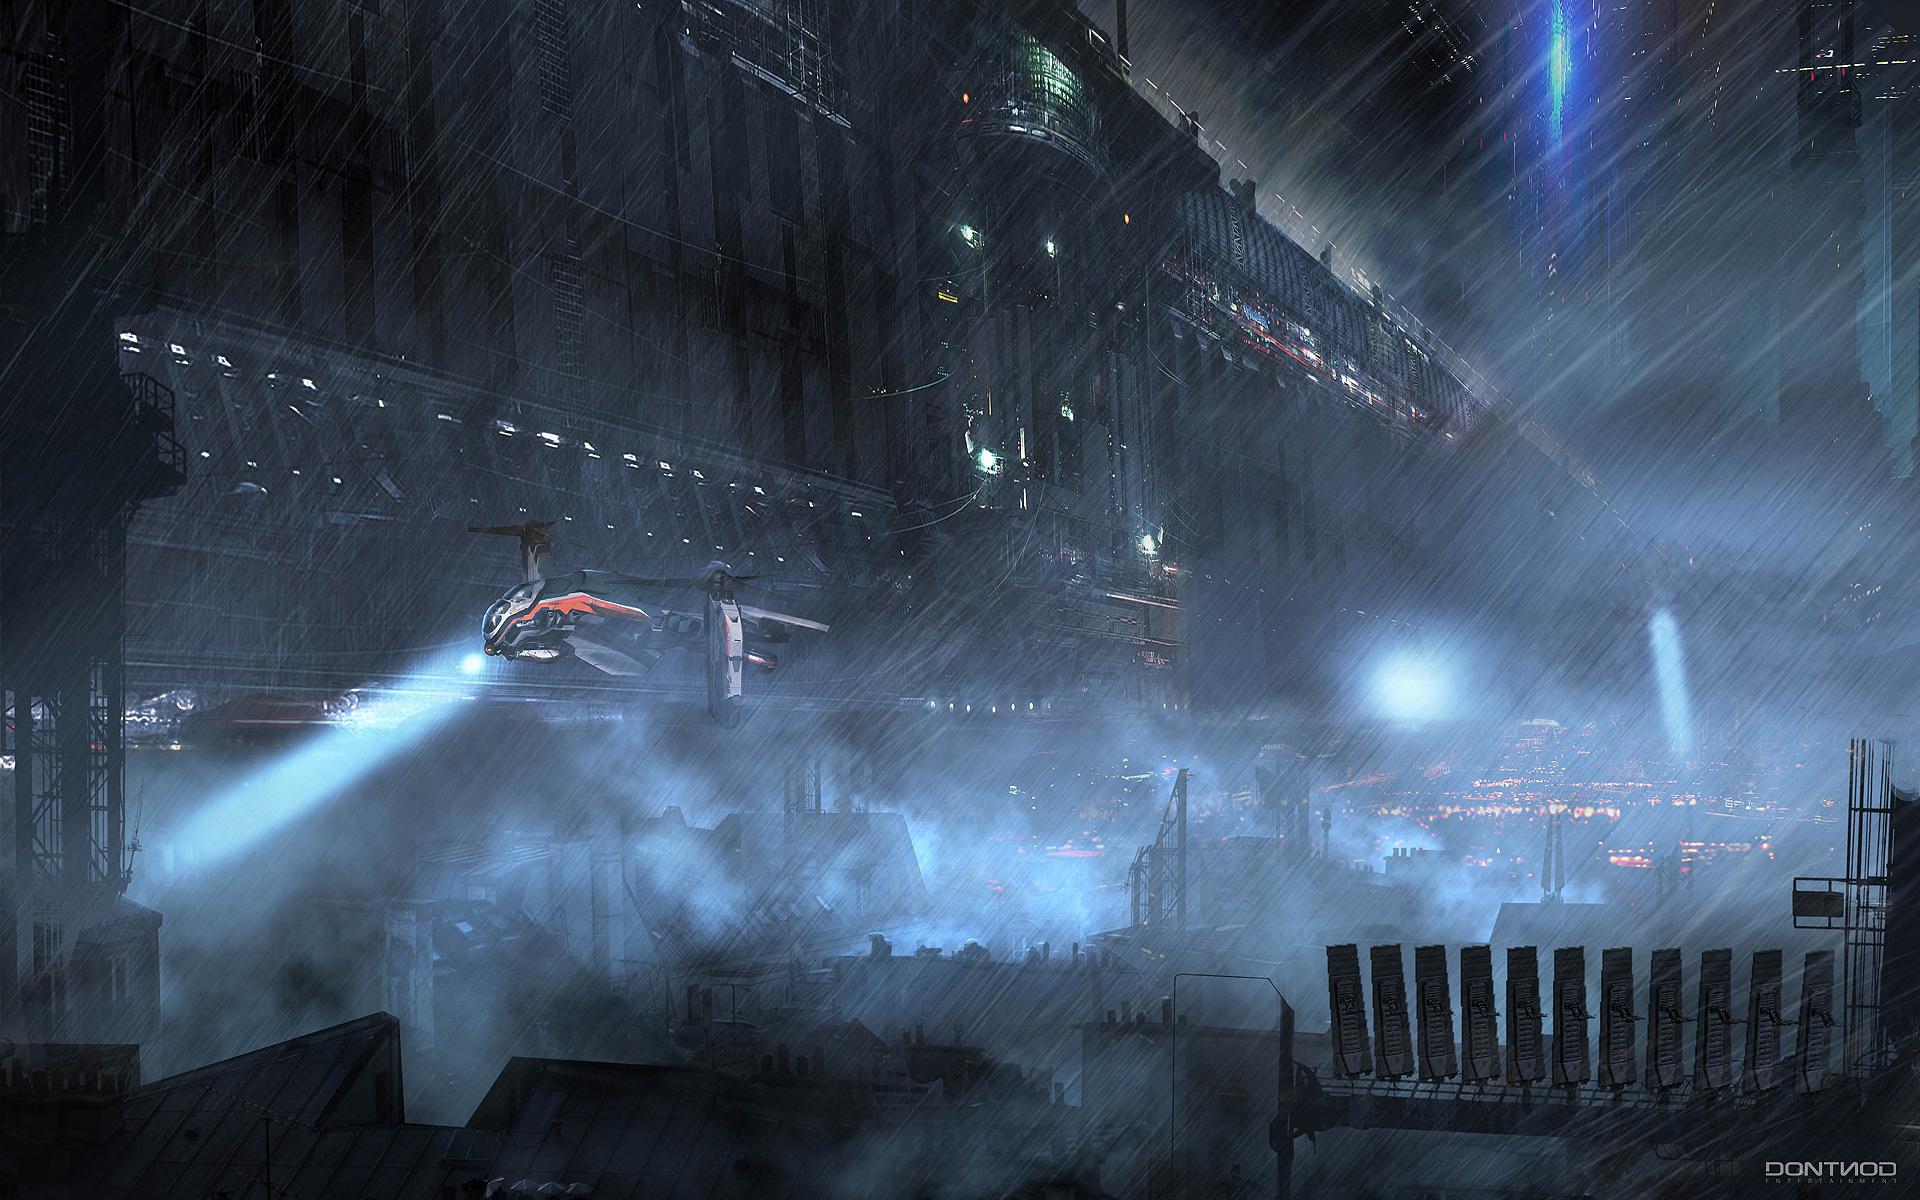 cyberpunk metropolis wallpaper - photo #40